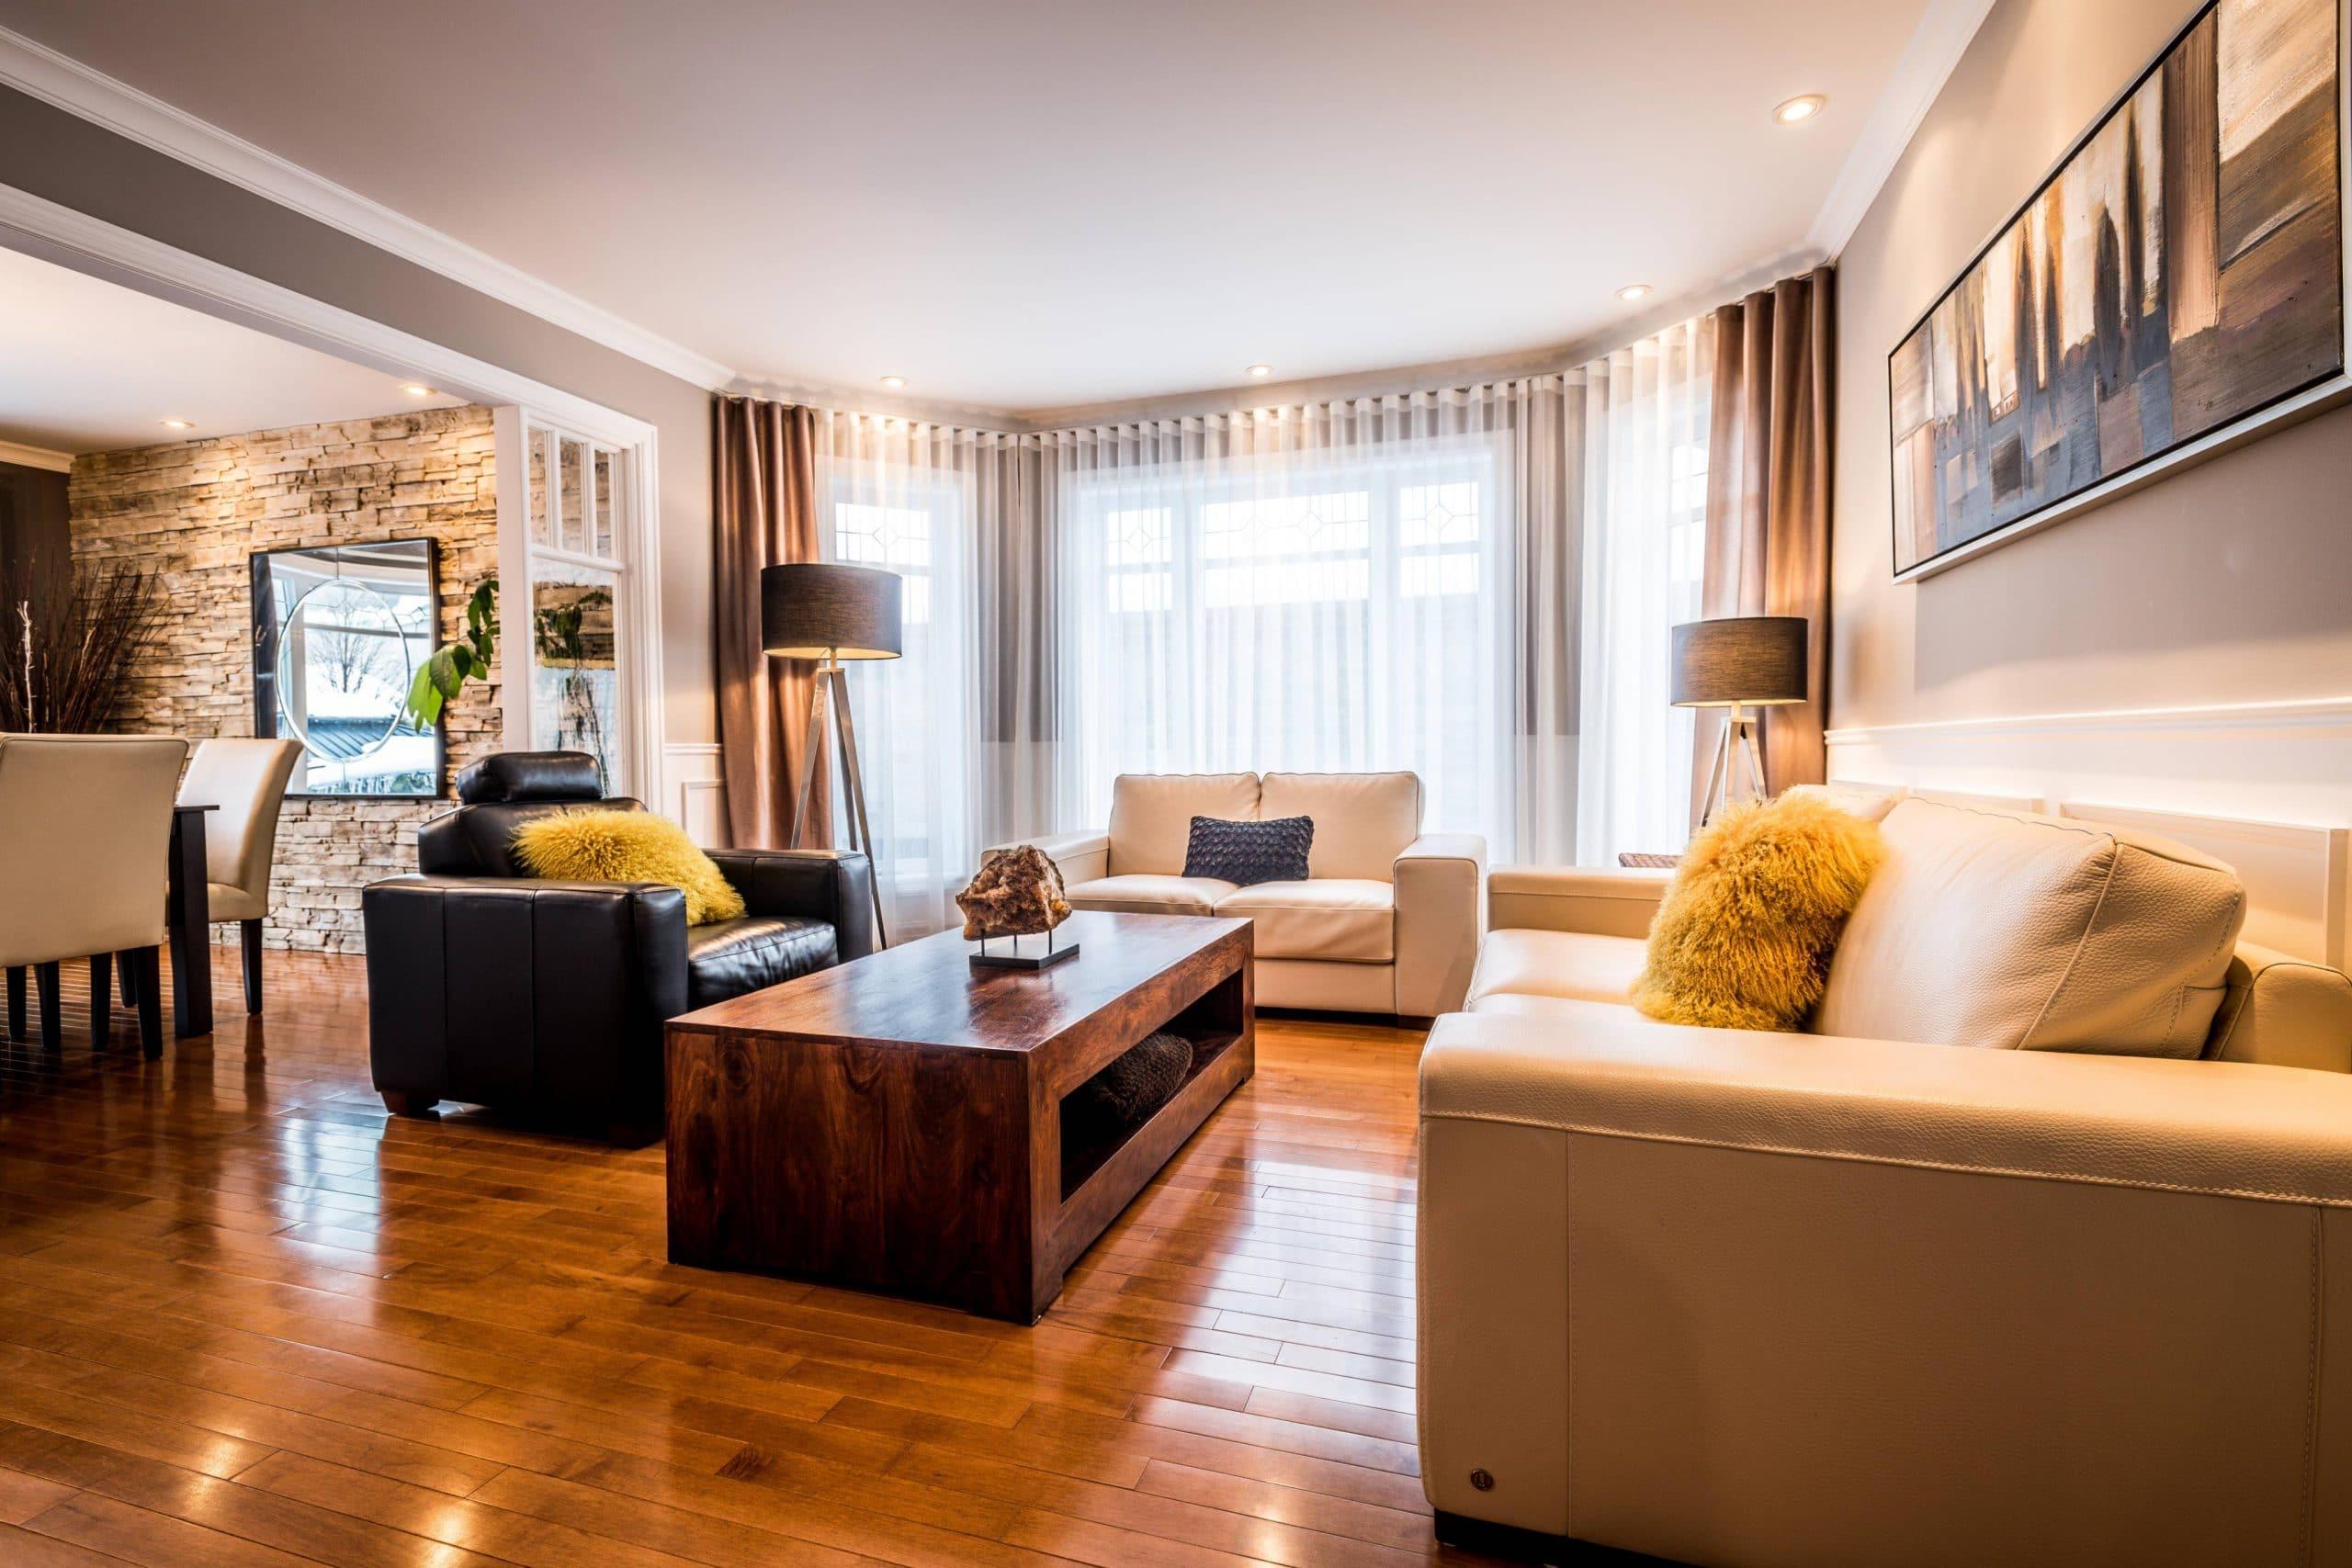 Pour rehausser votre décor, optez pour de magnifiques rideaux ripplefold